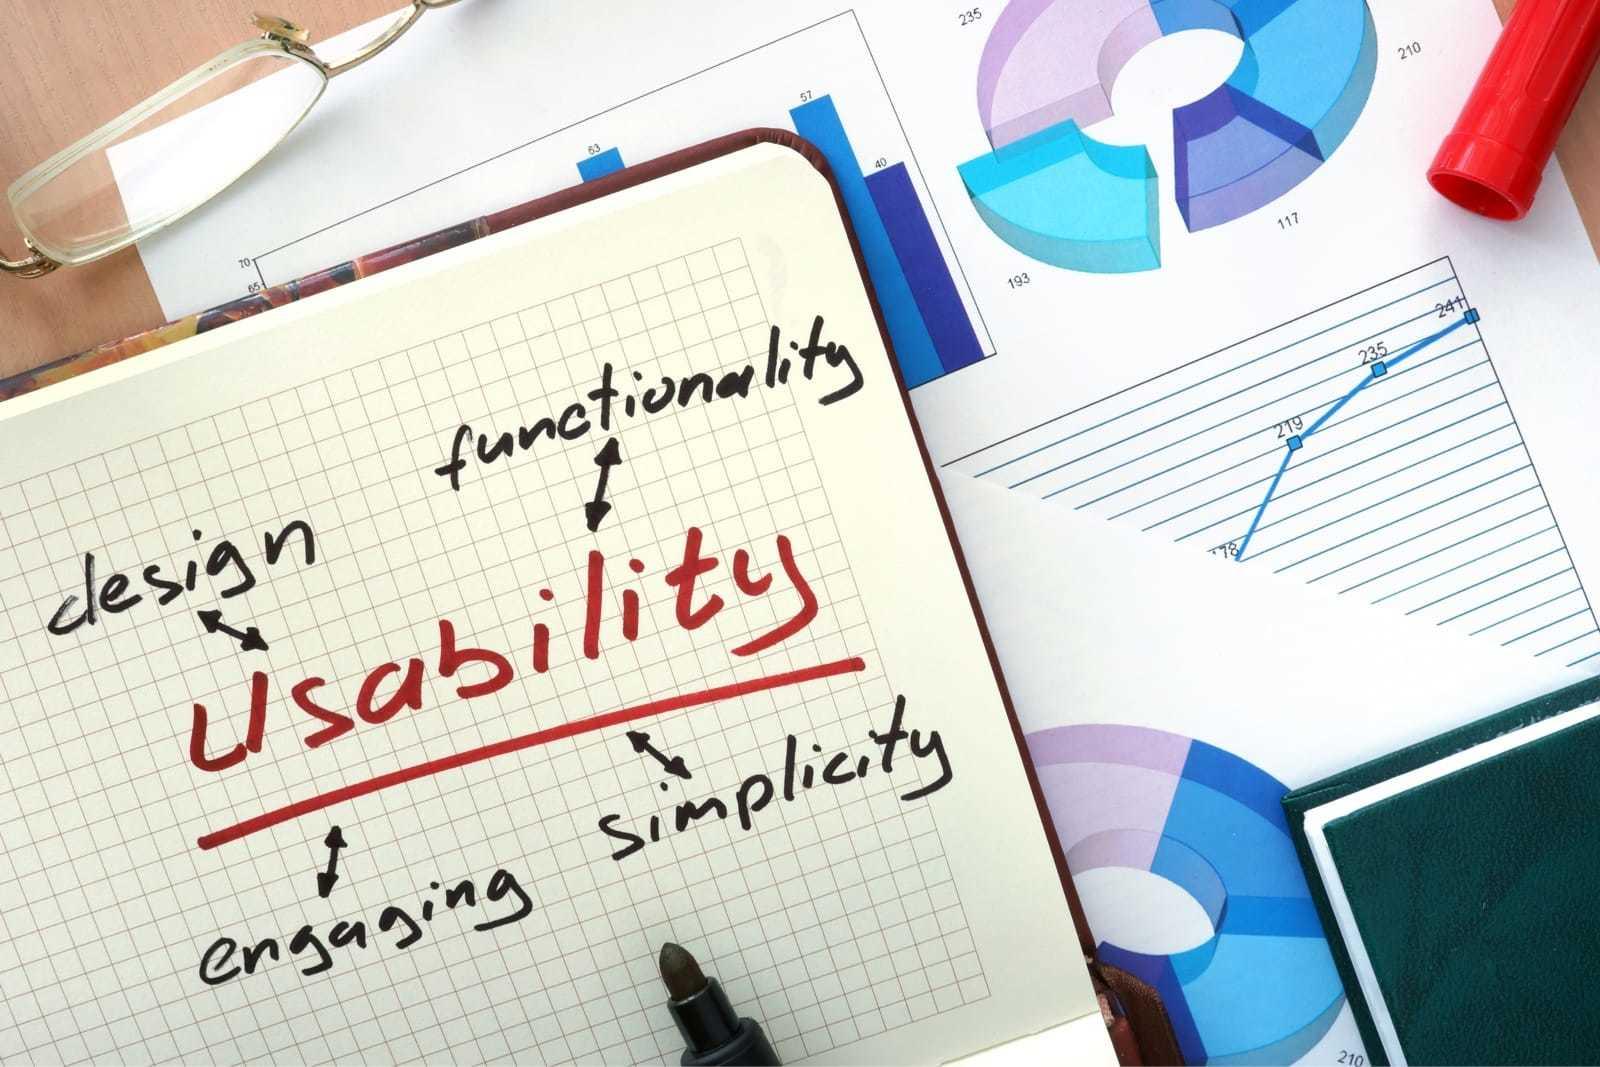 「usability」と書かれたノート